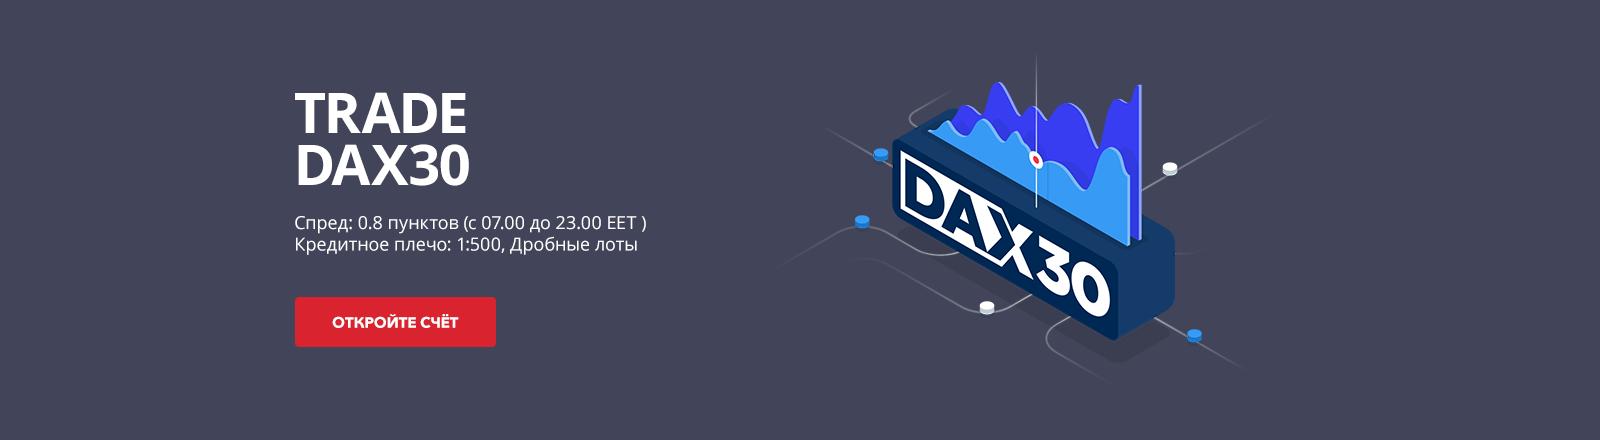 торговать DAX 30 онлайн